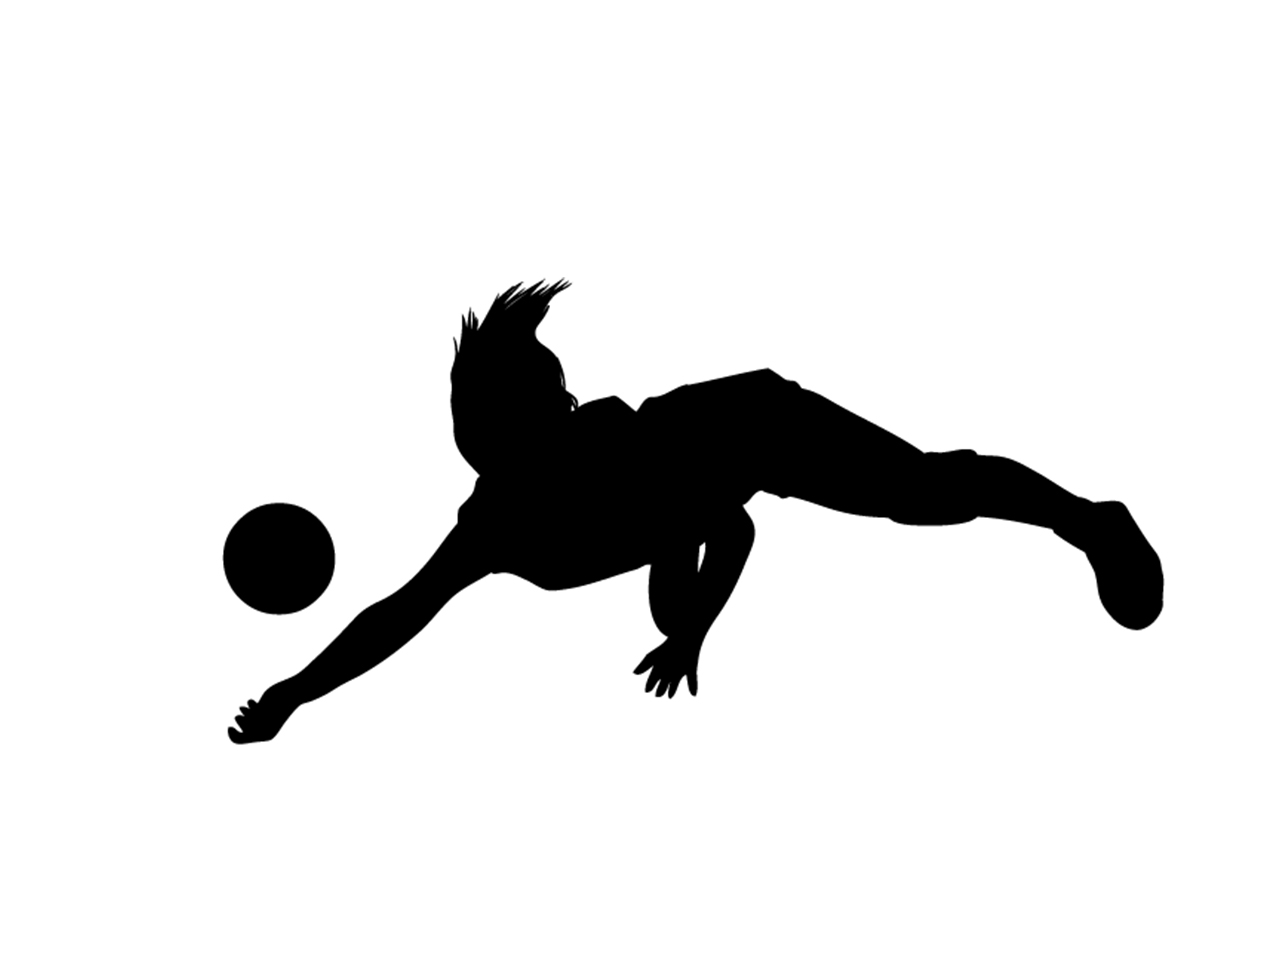 体育館バレーボール・バドミントン・テニス用床金具